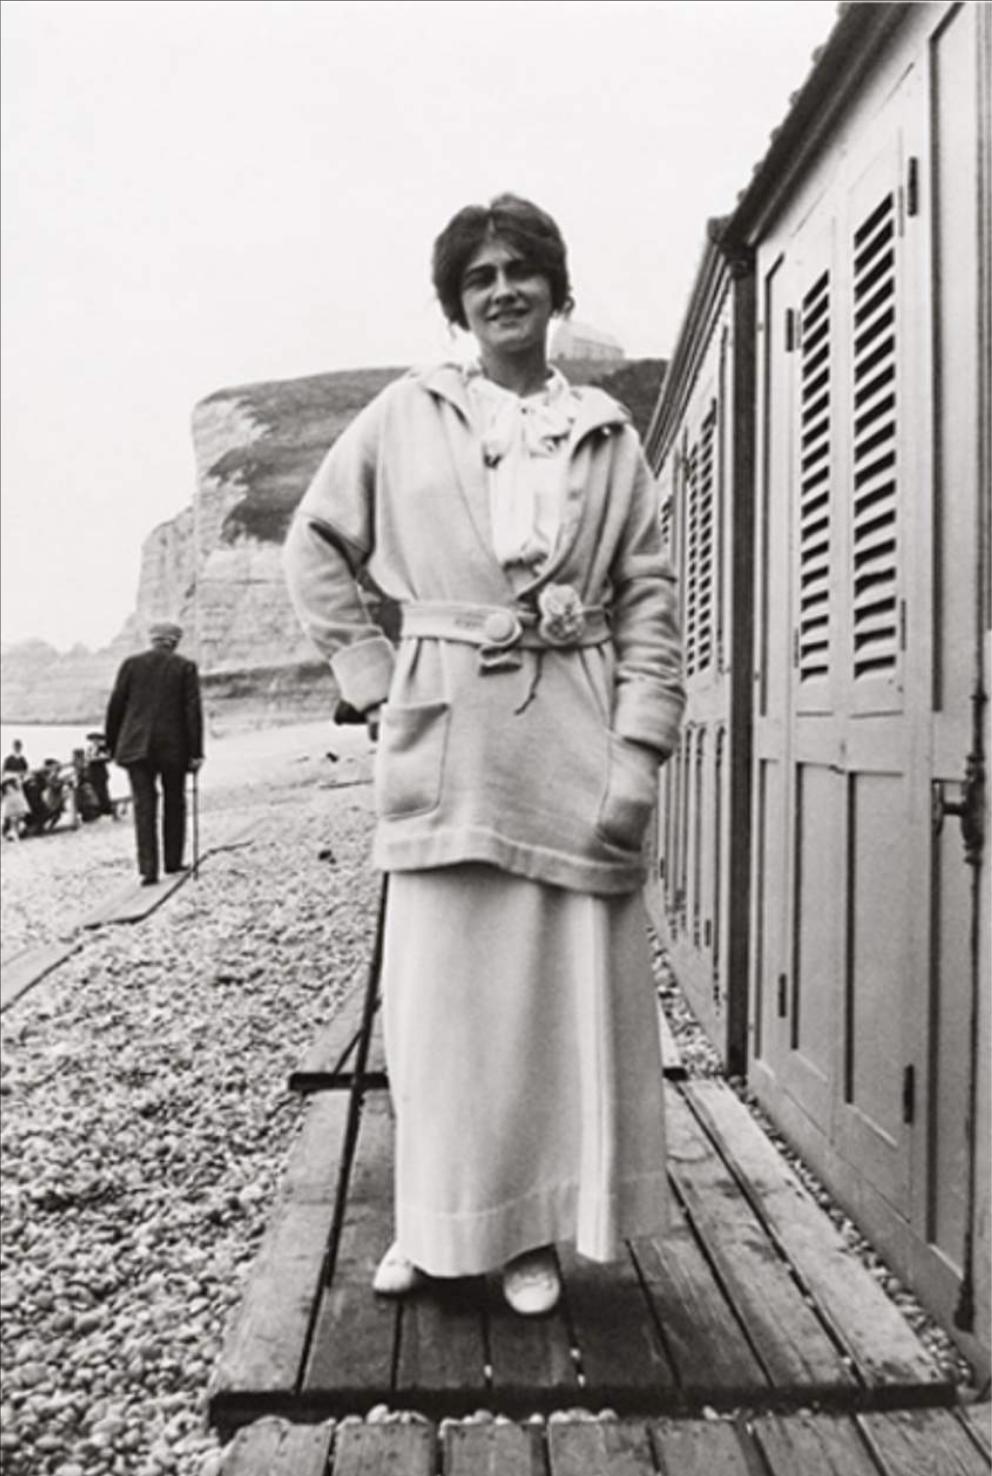 年輕時的Mademoiselle Chanel已經喜歡將山茶花別再腰間,充當腰帶飾物。